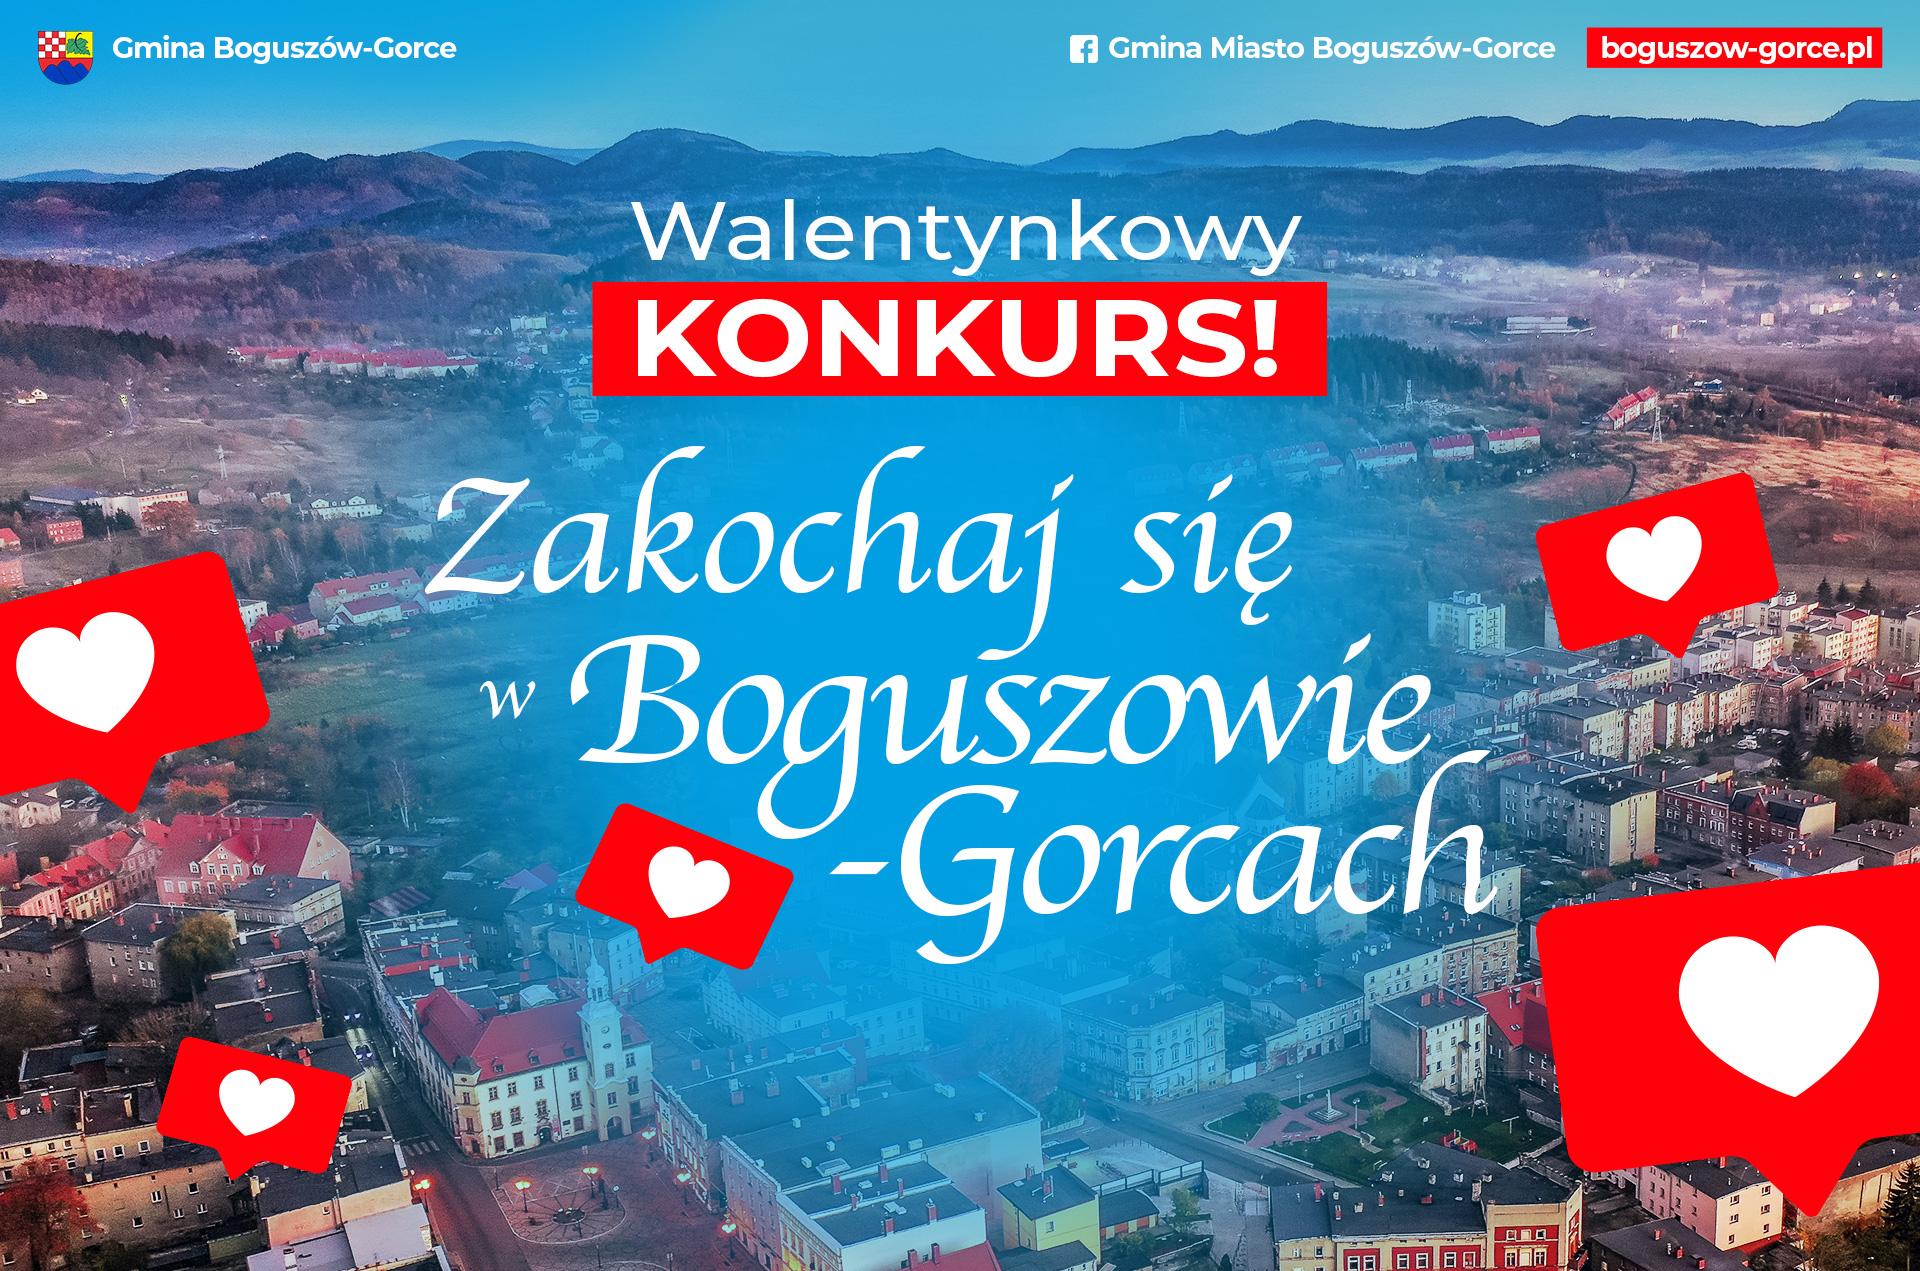 KONKURS Zakochaj się w Boguszowie-Gorcach